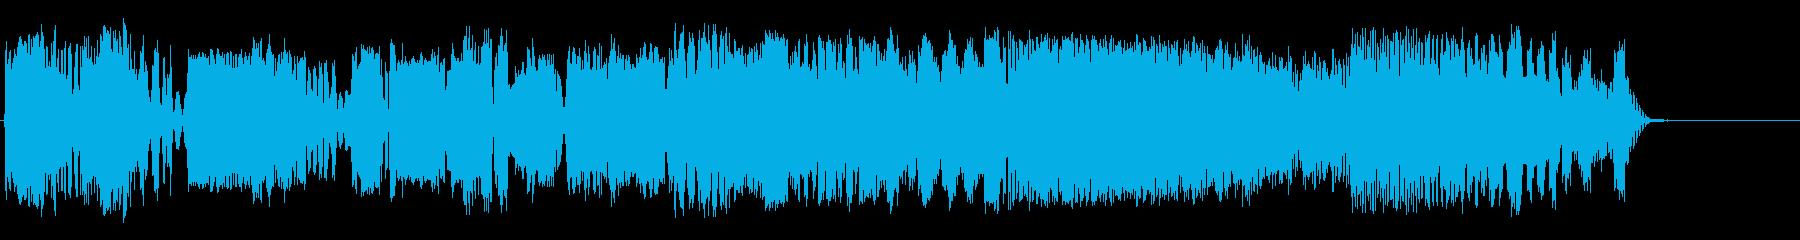 信号の衝突の再生済みの波形